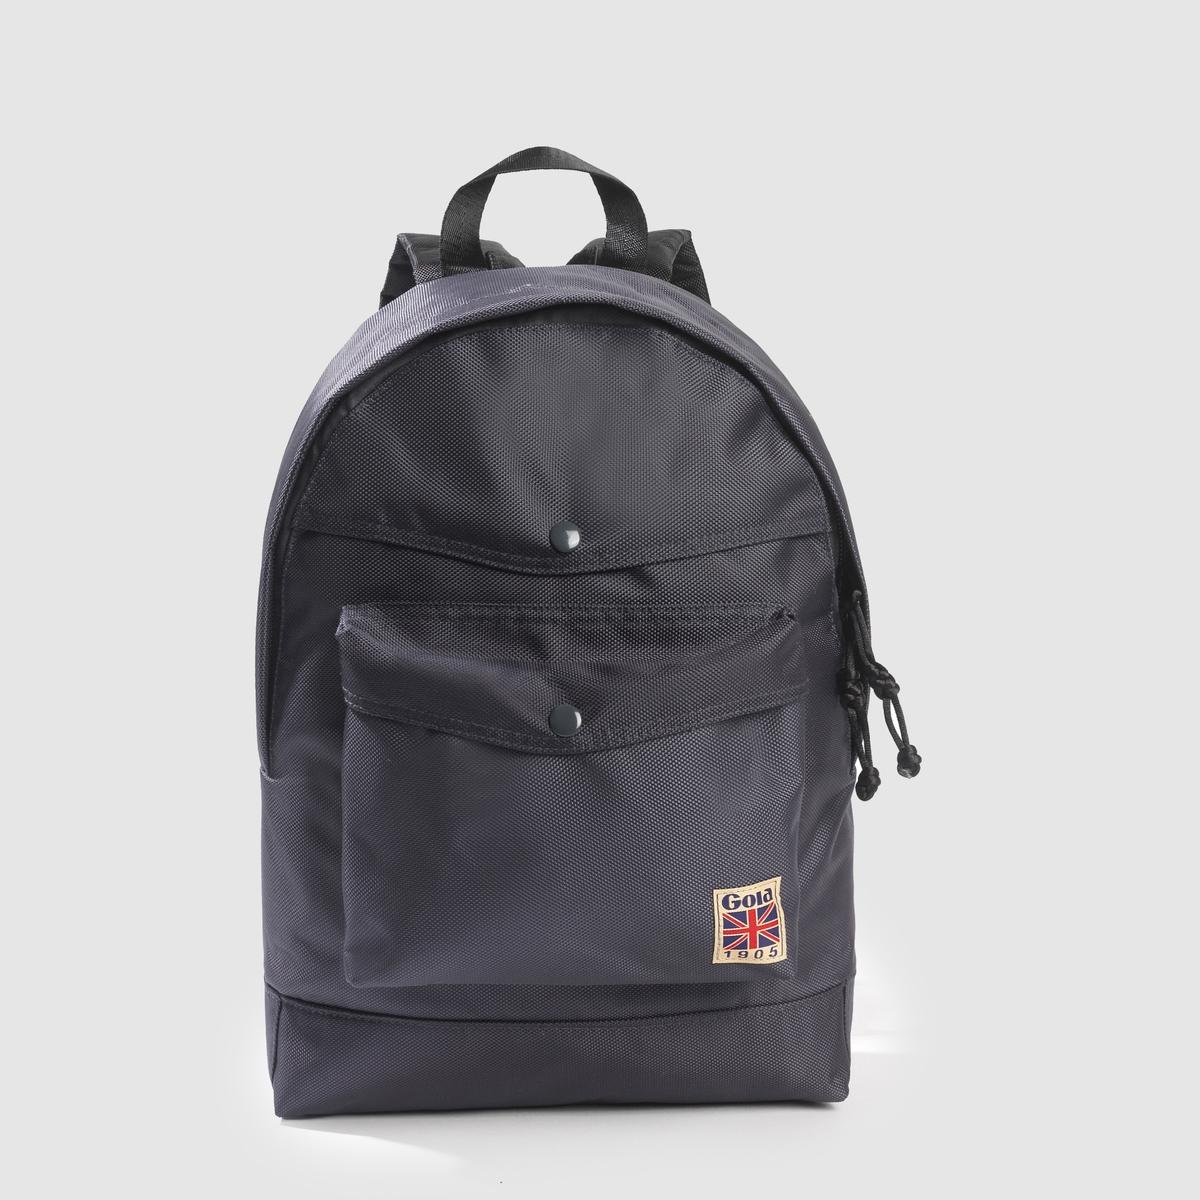 Рюкзак RYDERПреимущества : Рюкзак в авантюристском стиле очень практичен благодаря 2 передним карманам и карману на молнии снизу. Универсальный, идеально подходит для ежедневного использования. Имеется защитный чехол для плохой погоды.<br><br>Цвет: синий